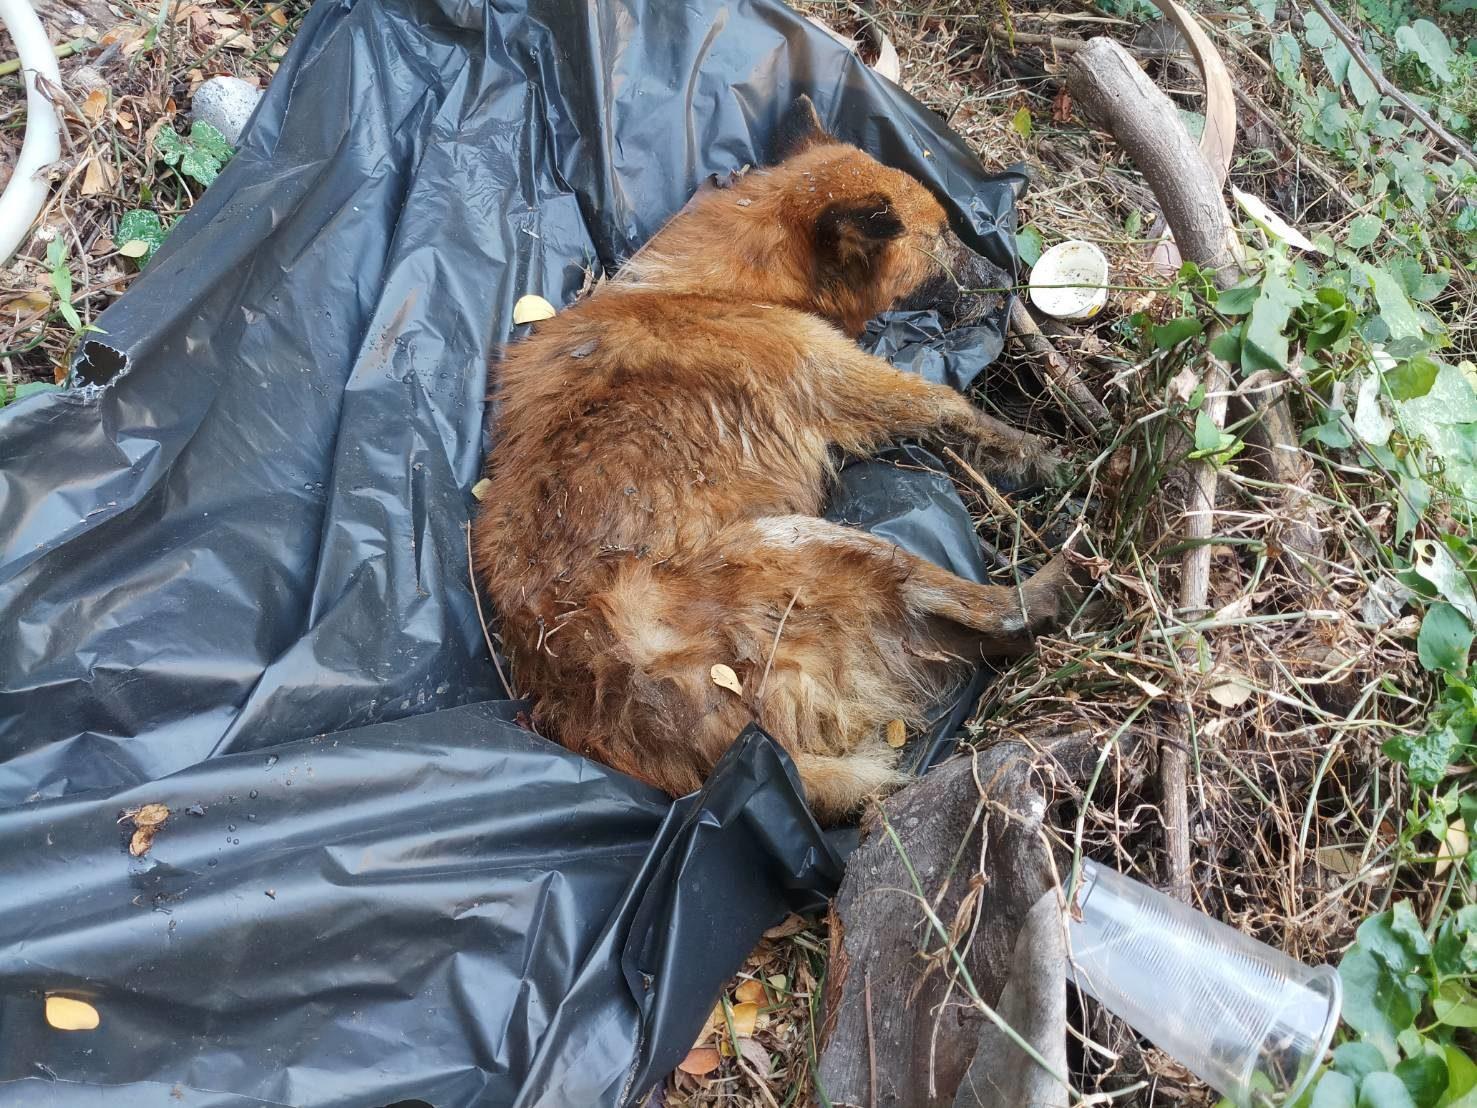 Dogilike.com :: สะเทือนใจ! คนใจดำจับหมาแก่ป่วยหนักใส่ถุงขยะโยนทิ้งริมคลอง